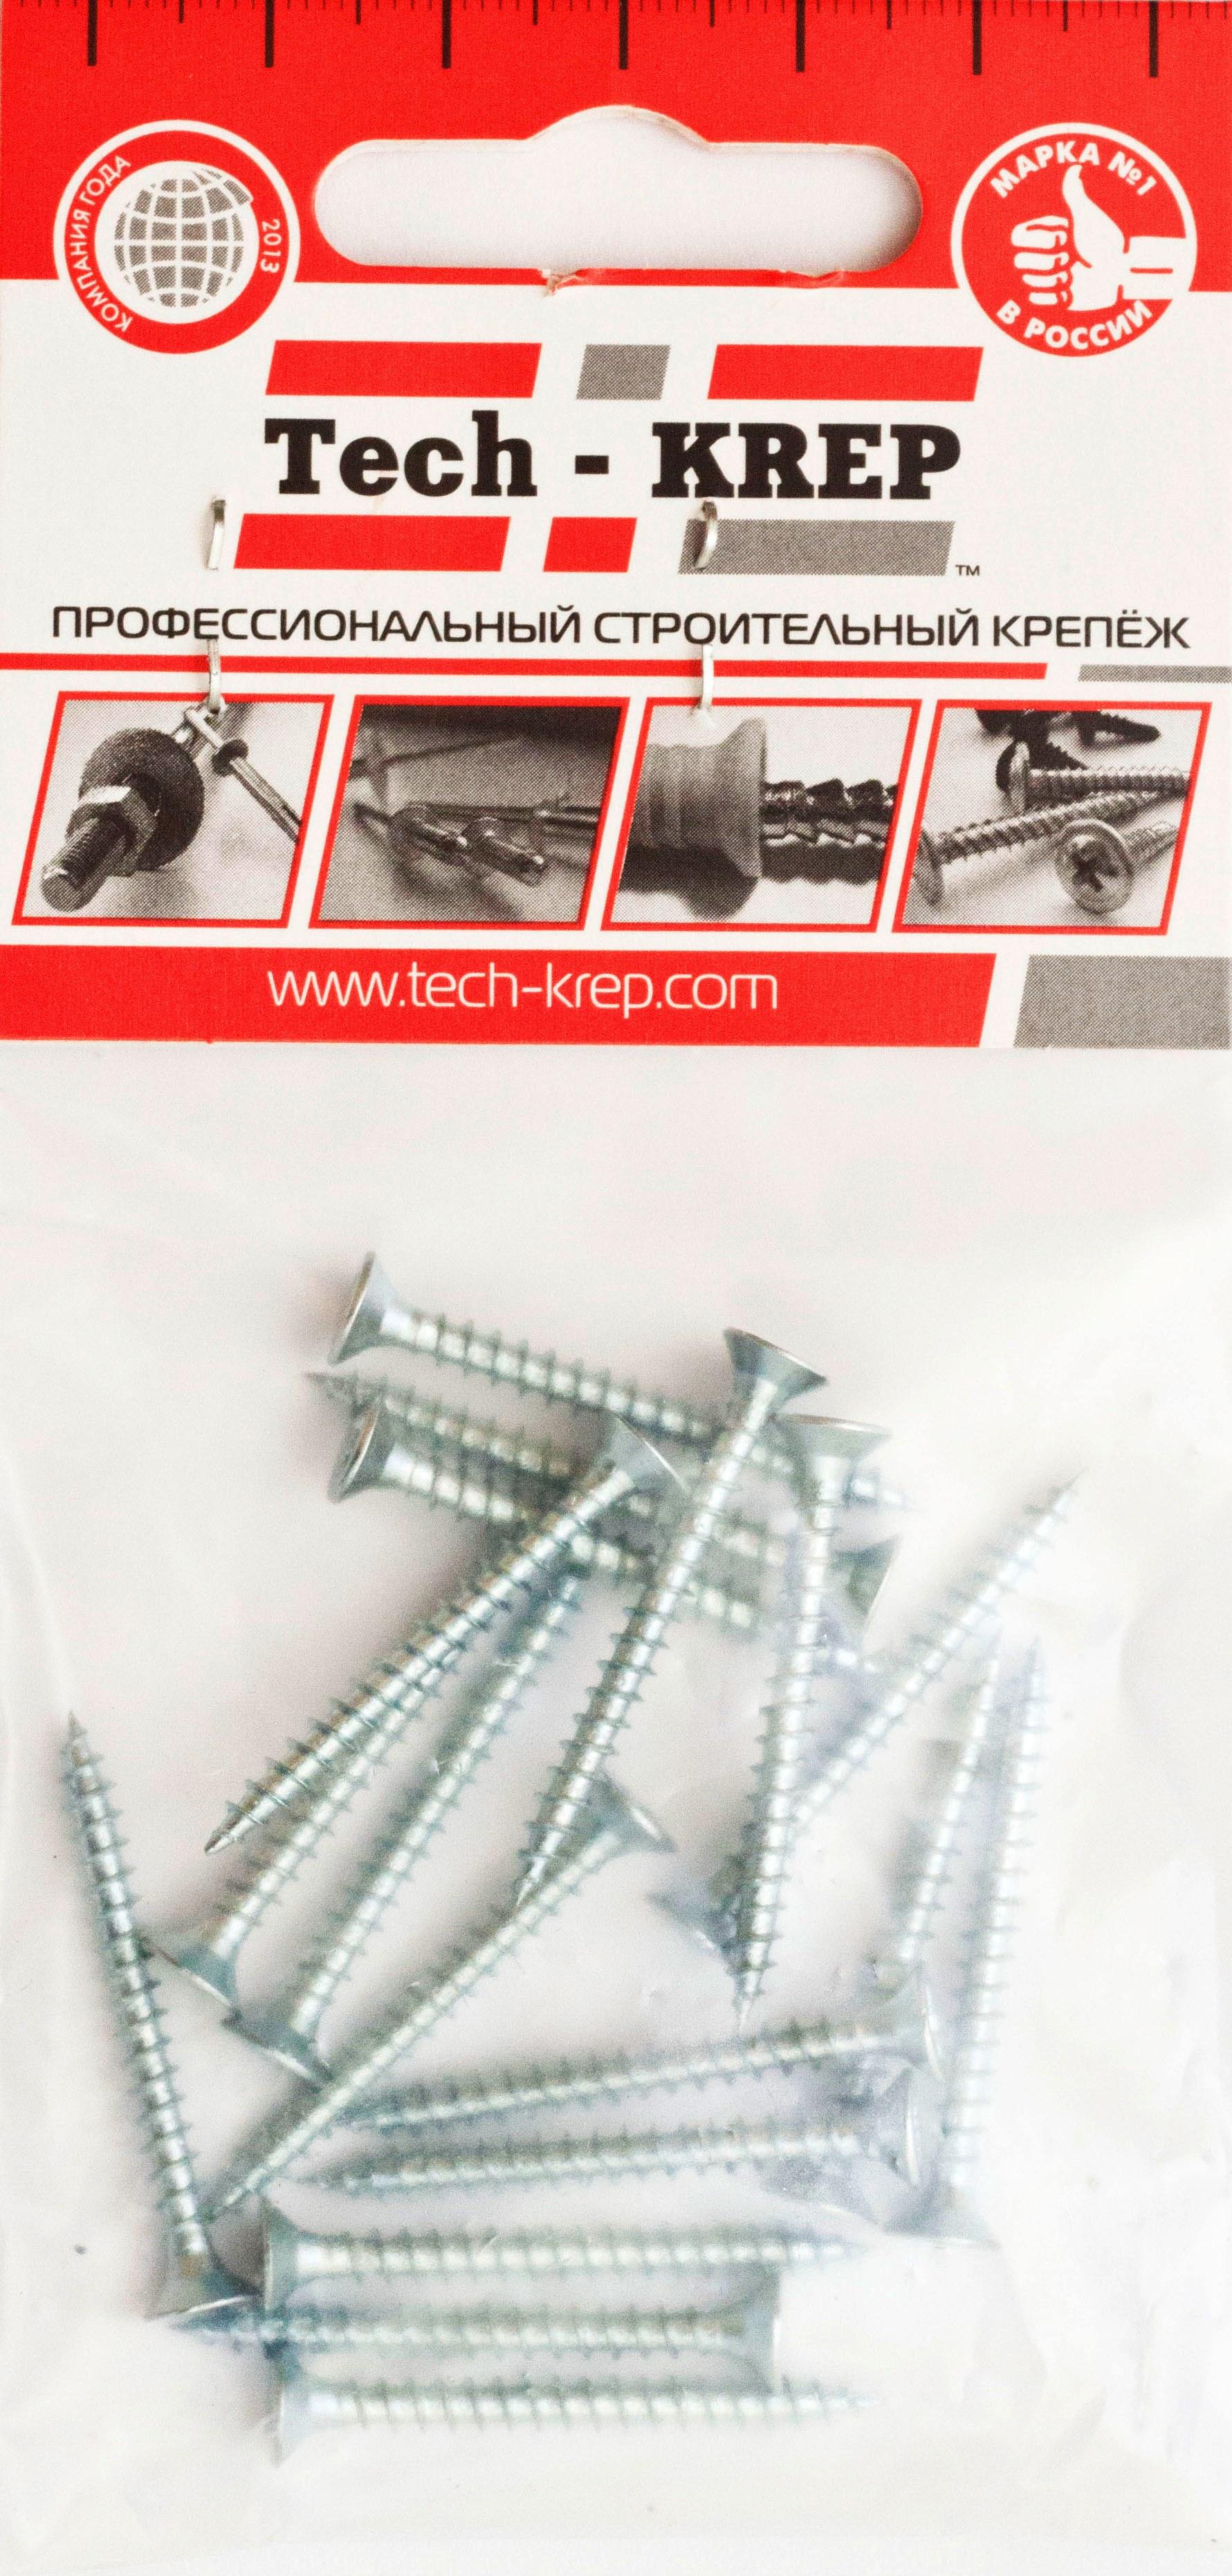 Саморез ТЕХ-КРЕПСаморезы и шурупы<br>Тип: саморез,<br>Диаметр: 5.0,<br>Длина (мм): 70,<br>Материал: сталь оцинкованная,<br>Цвет: серебристый,<br>Головка: потайная,<br>Назначение: универсальные,<br>Количество в упаковке: 6<br>